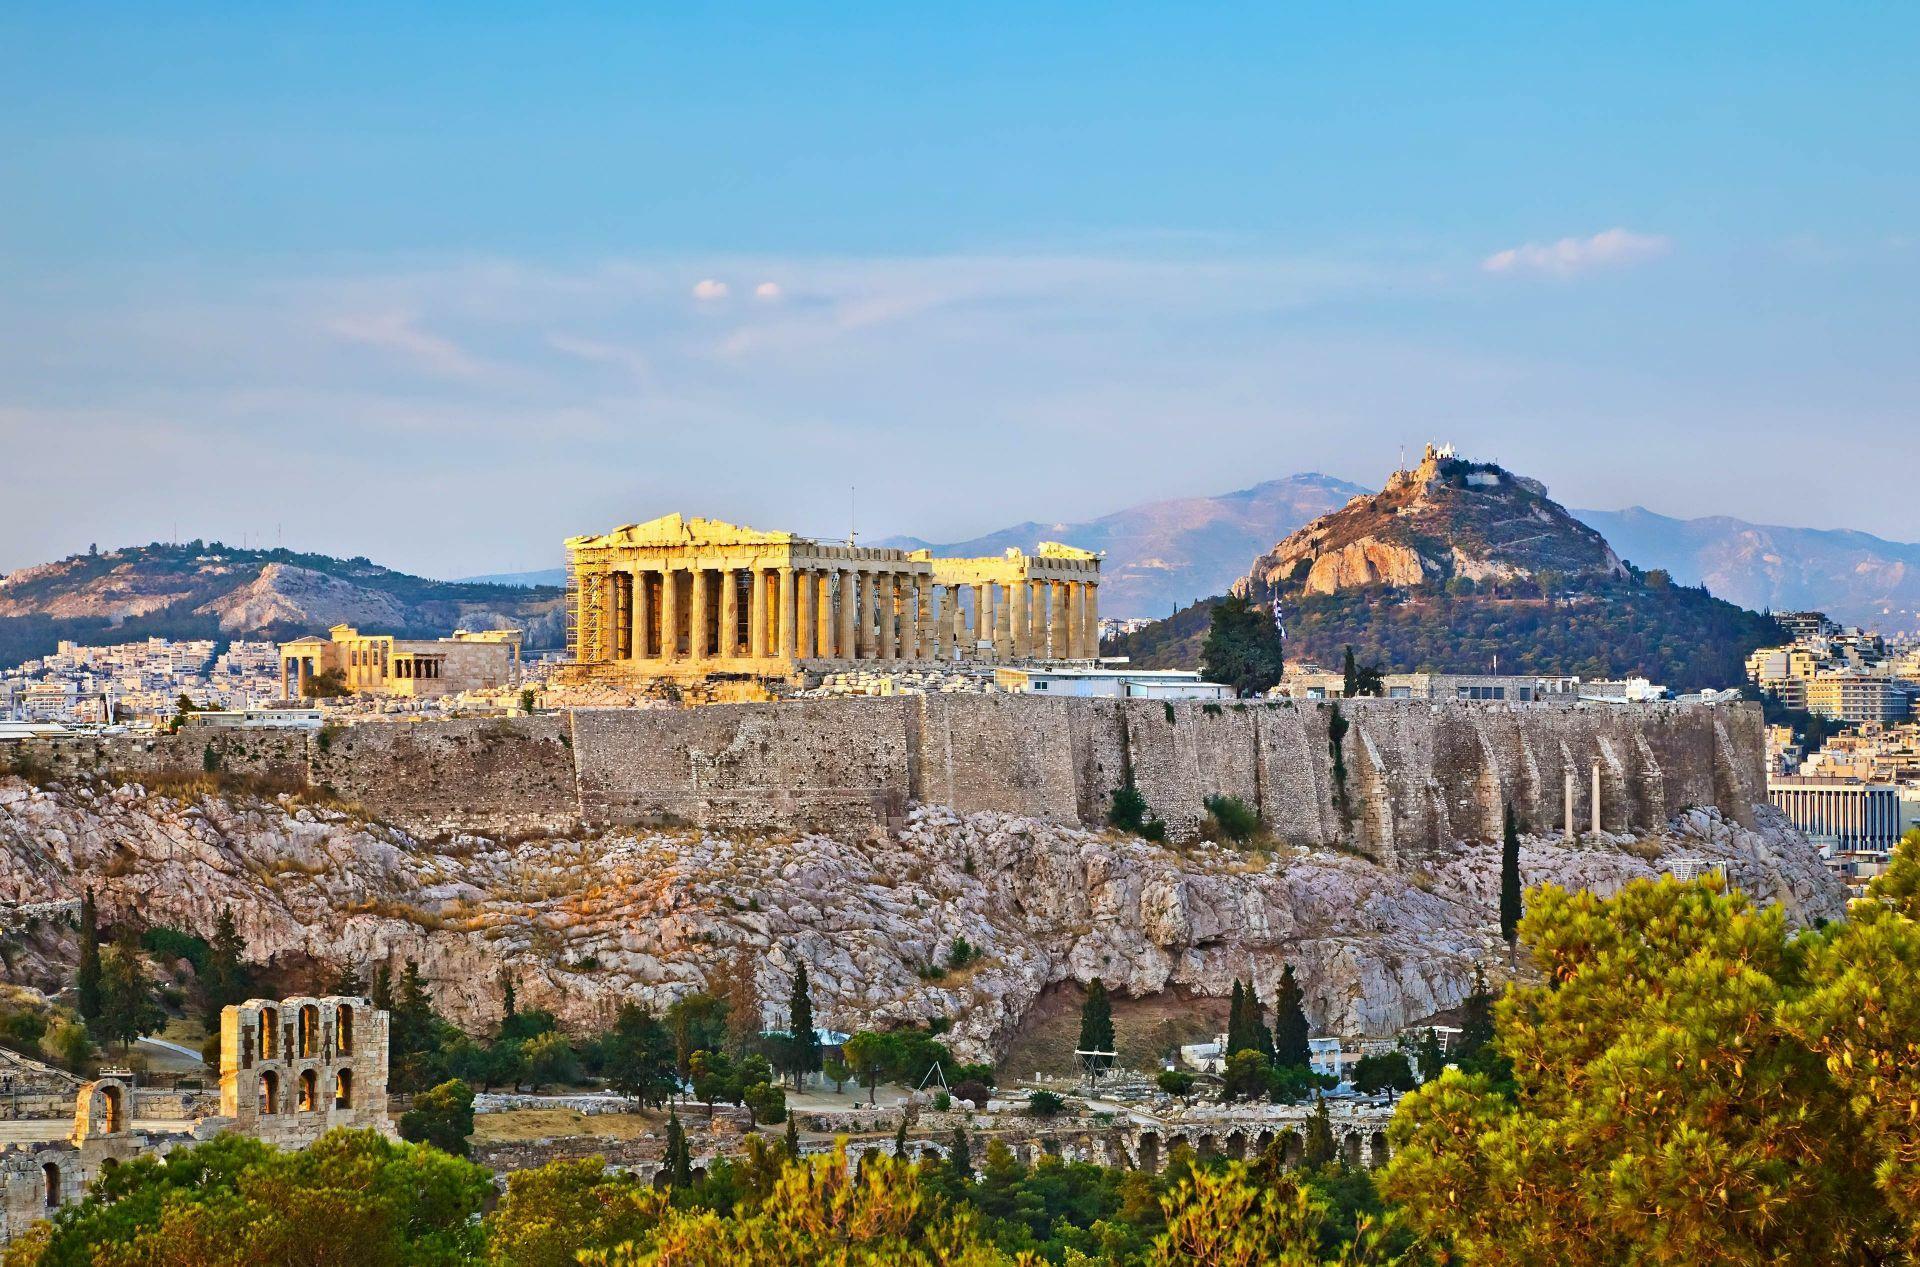 Attica Travel guide: The Parthenon of the Acropolis